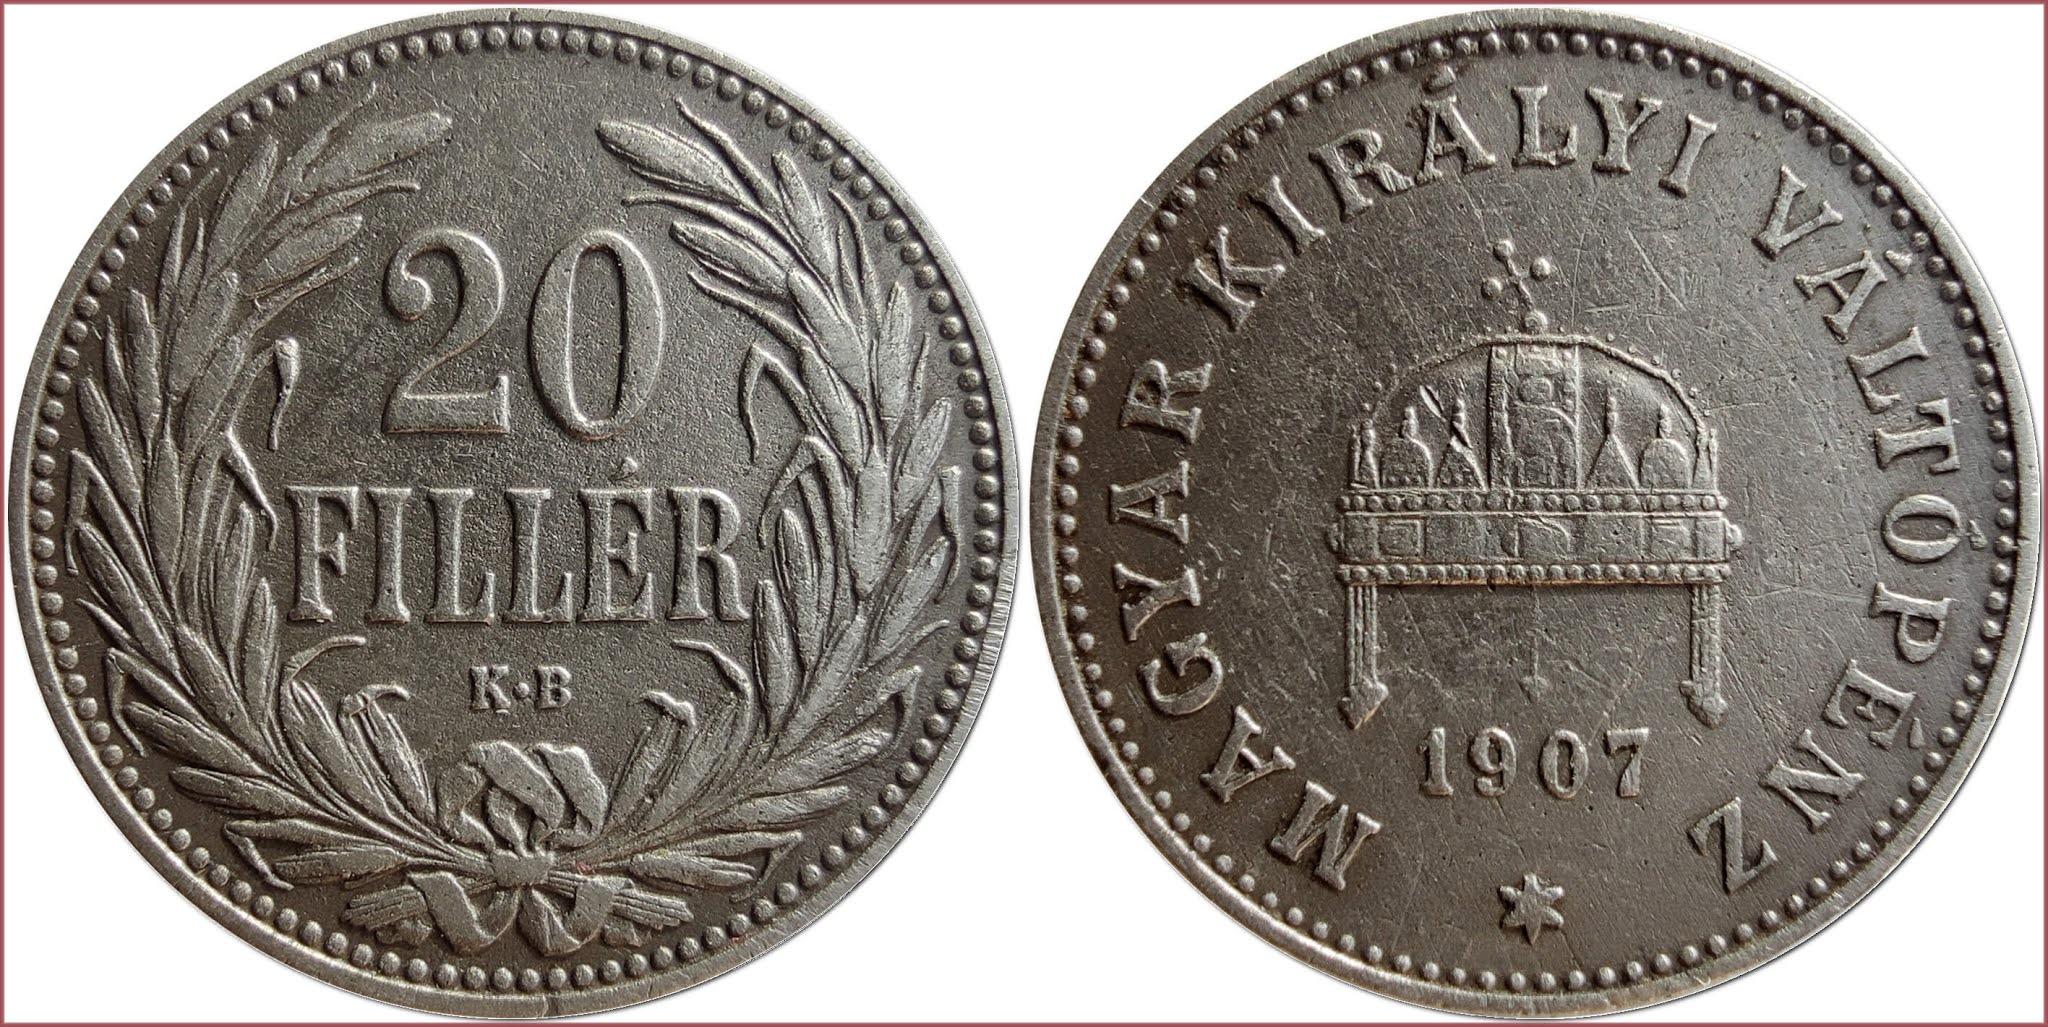 20 filler (fillér), 1907: Kingdom of Hungary